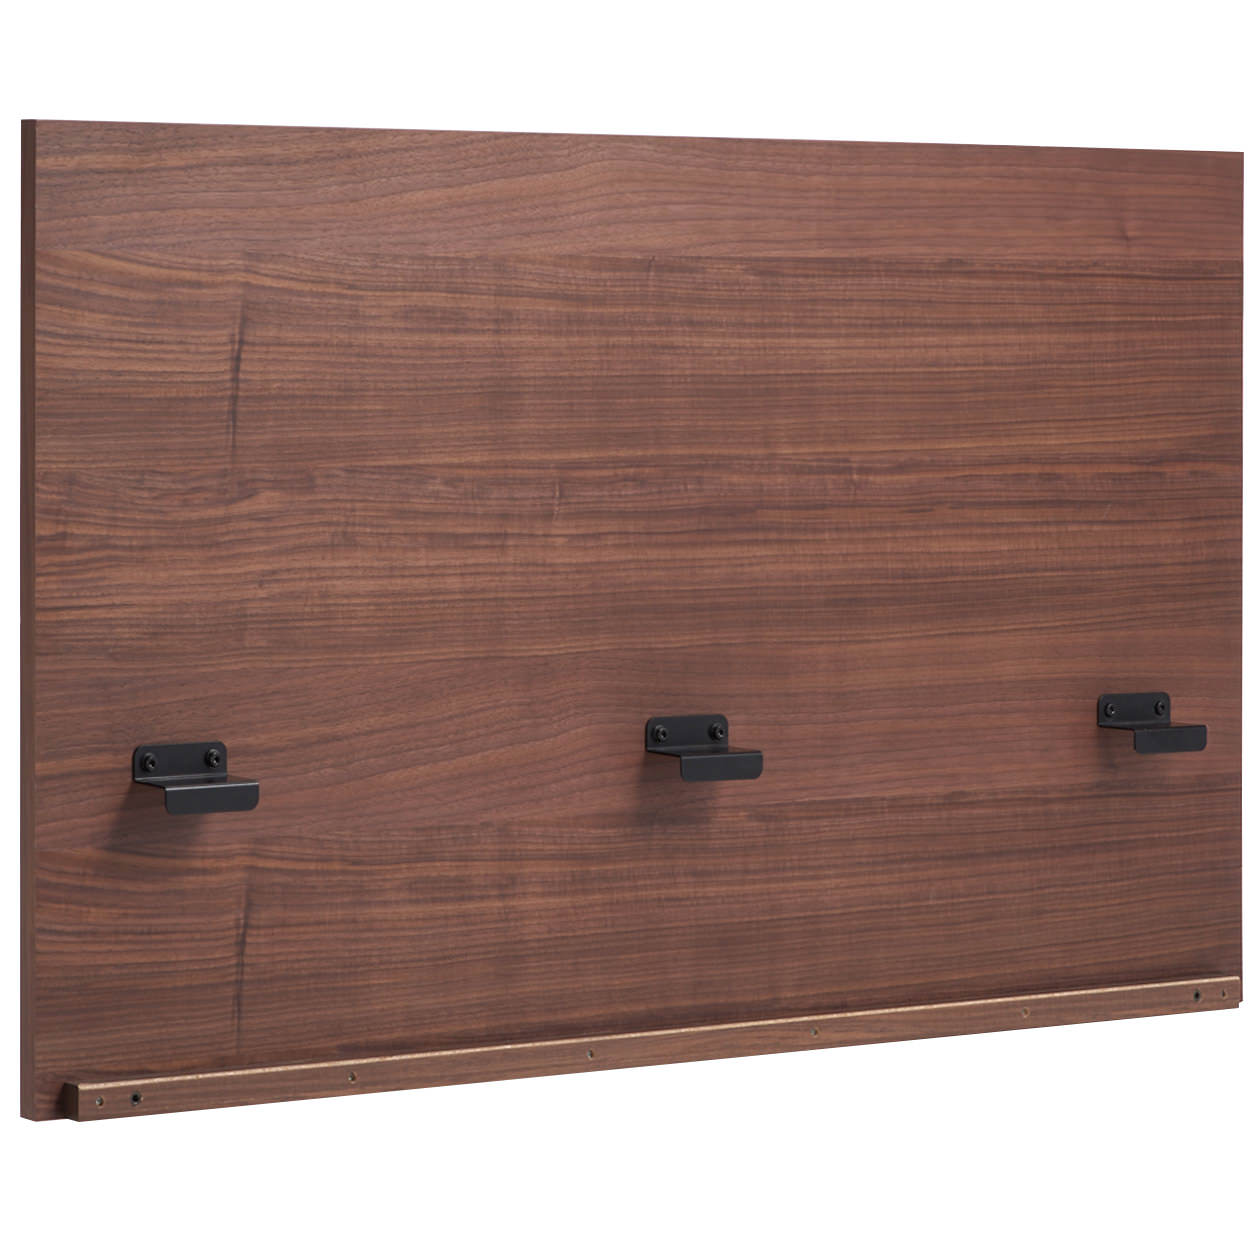 収納ベッド用ヘッドボード・セミダブル・ウォールナット材